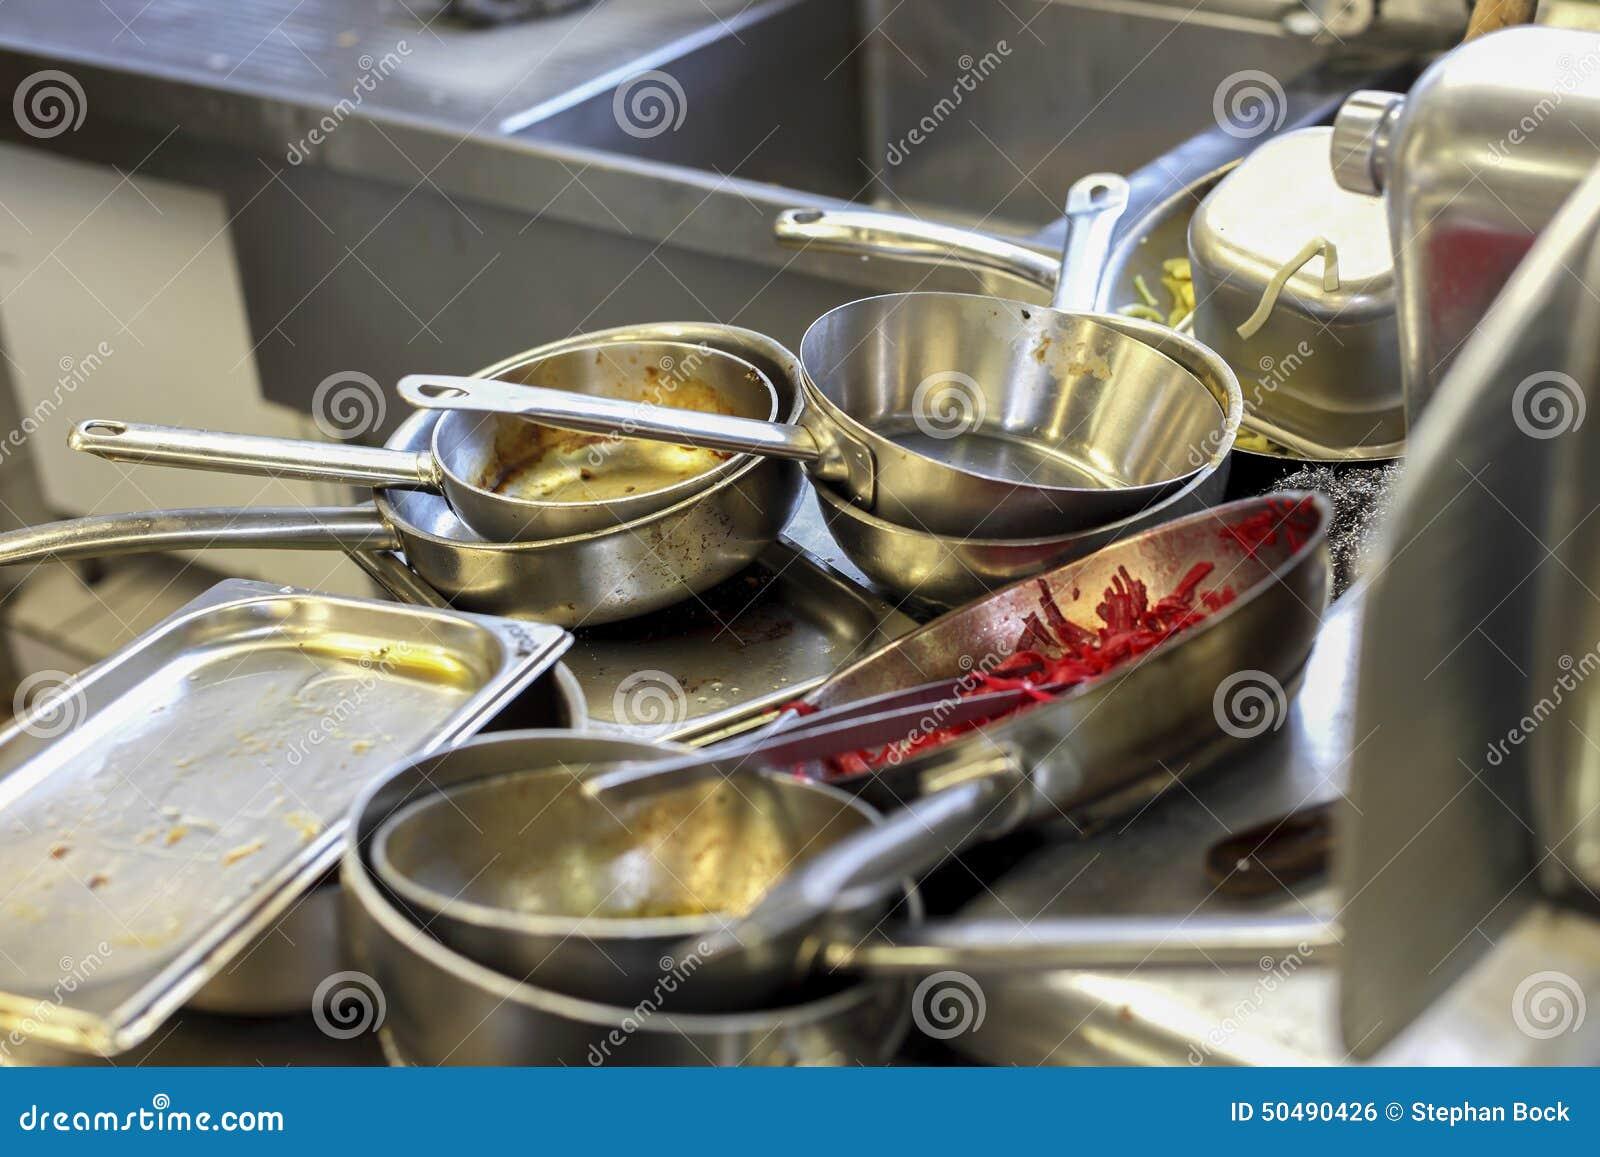 Dirty Kitchen Sink Drink